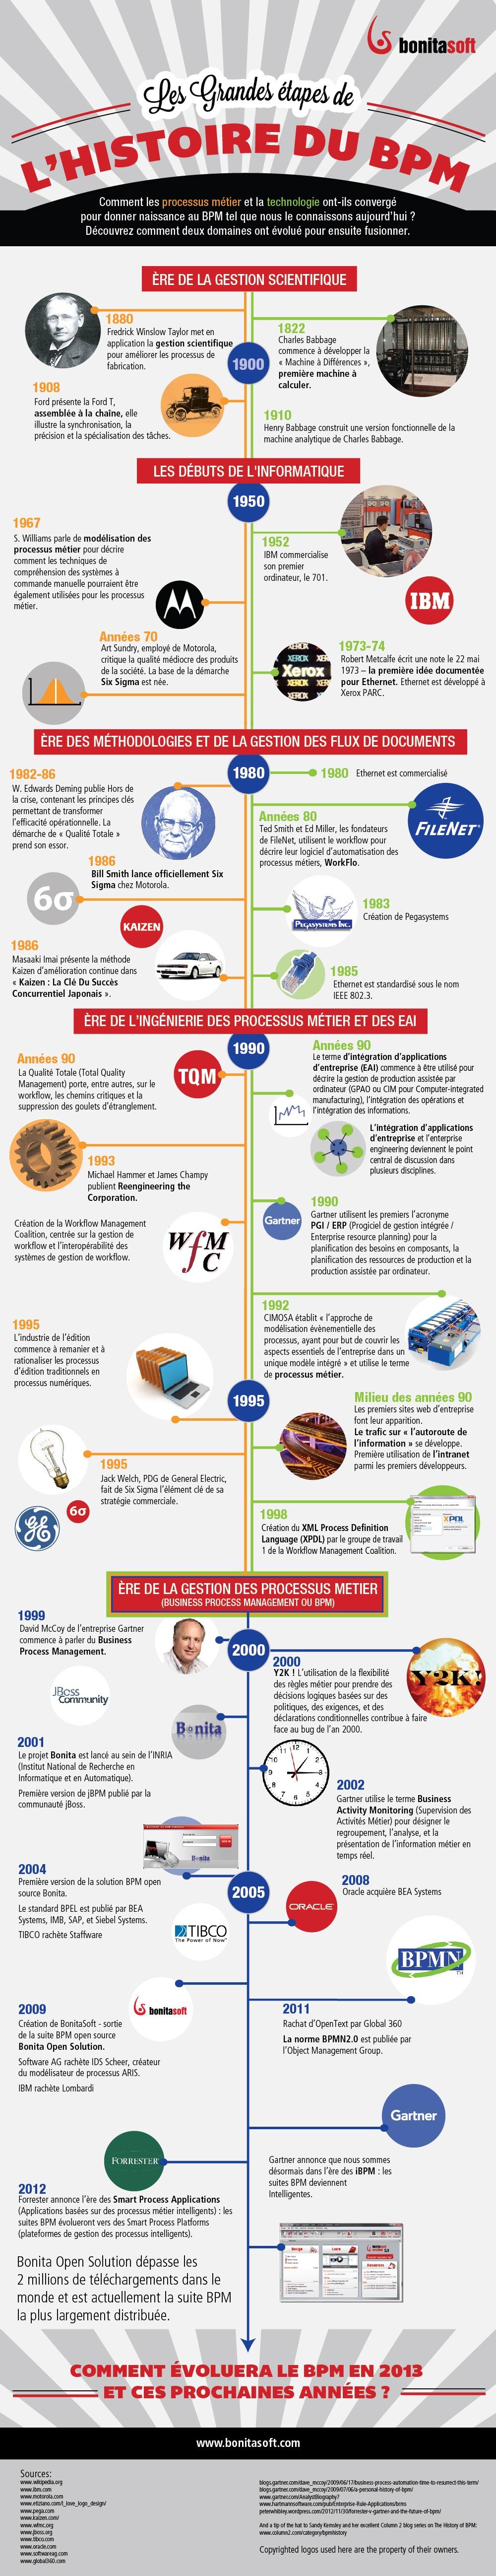 Infographie - Histoire du BPM © BonitaSoft